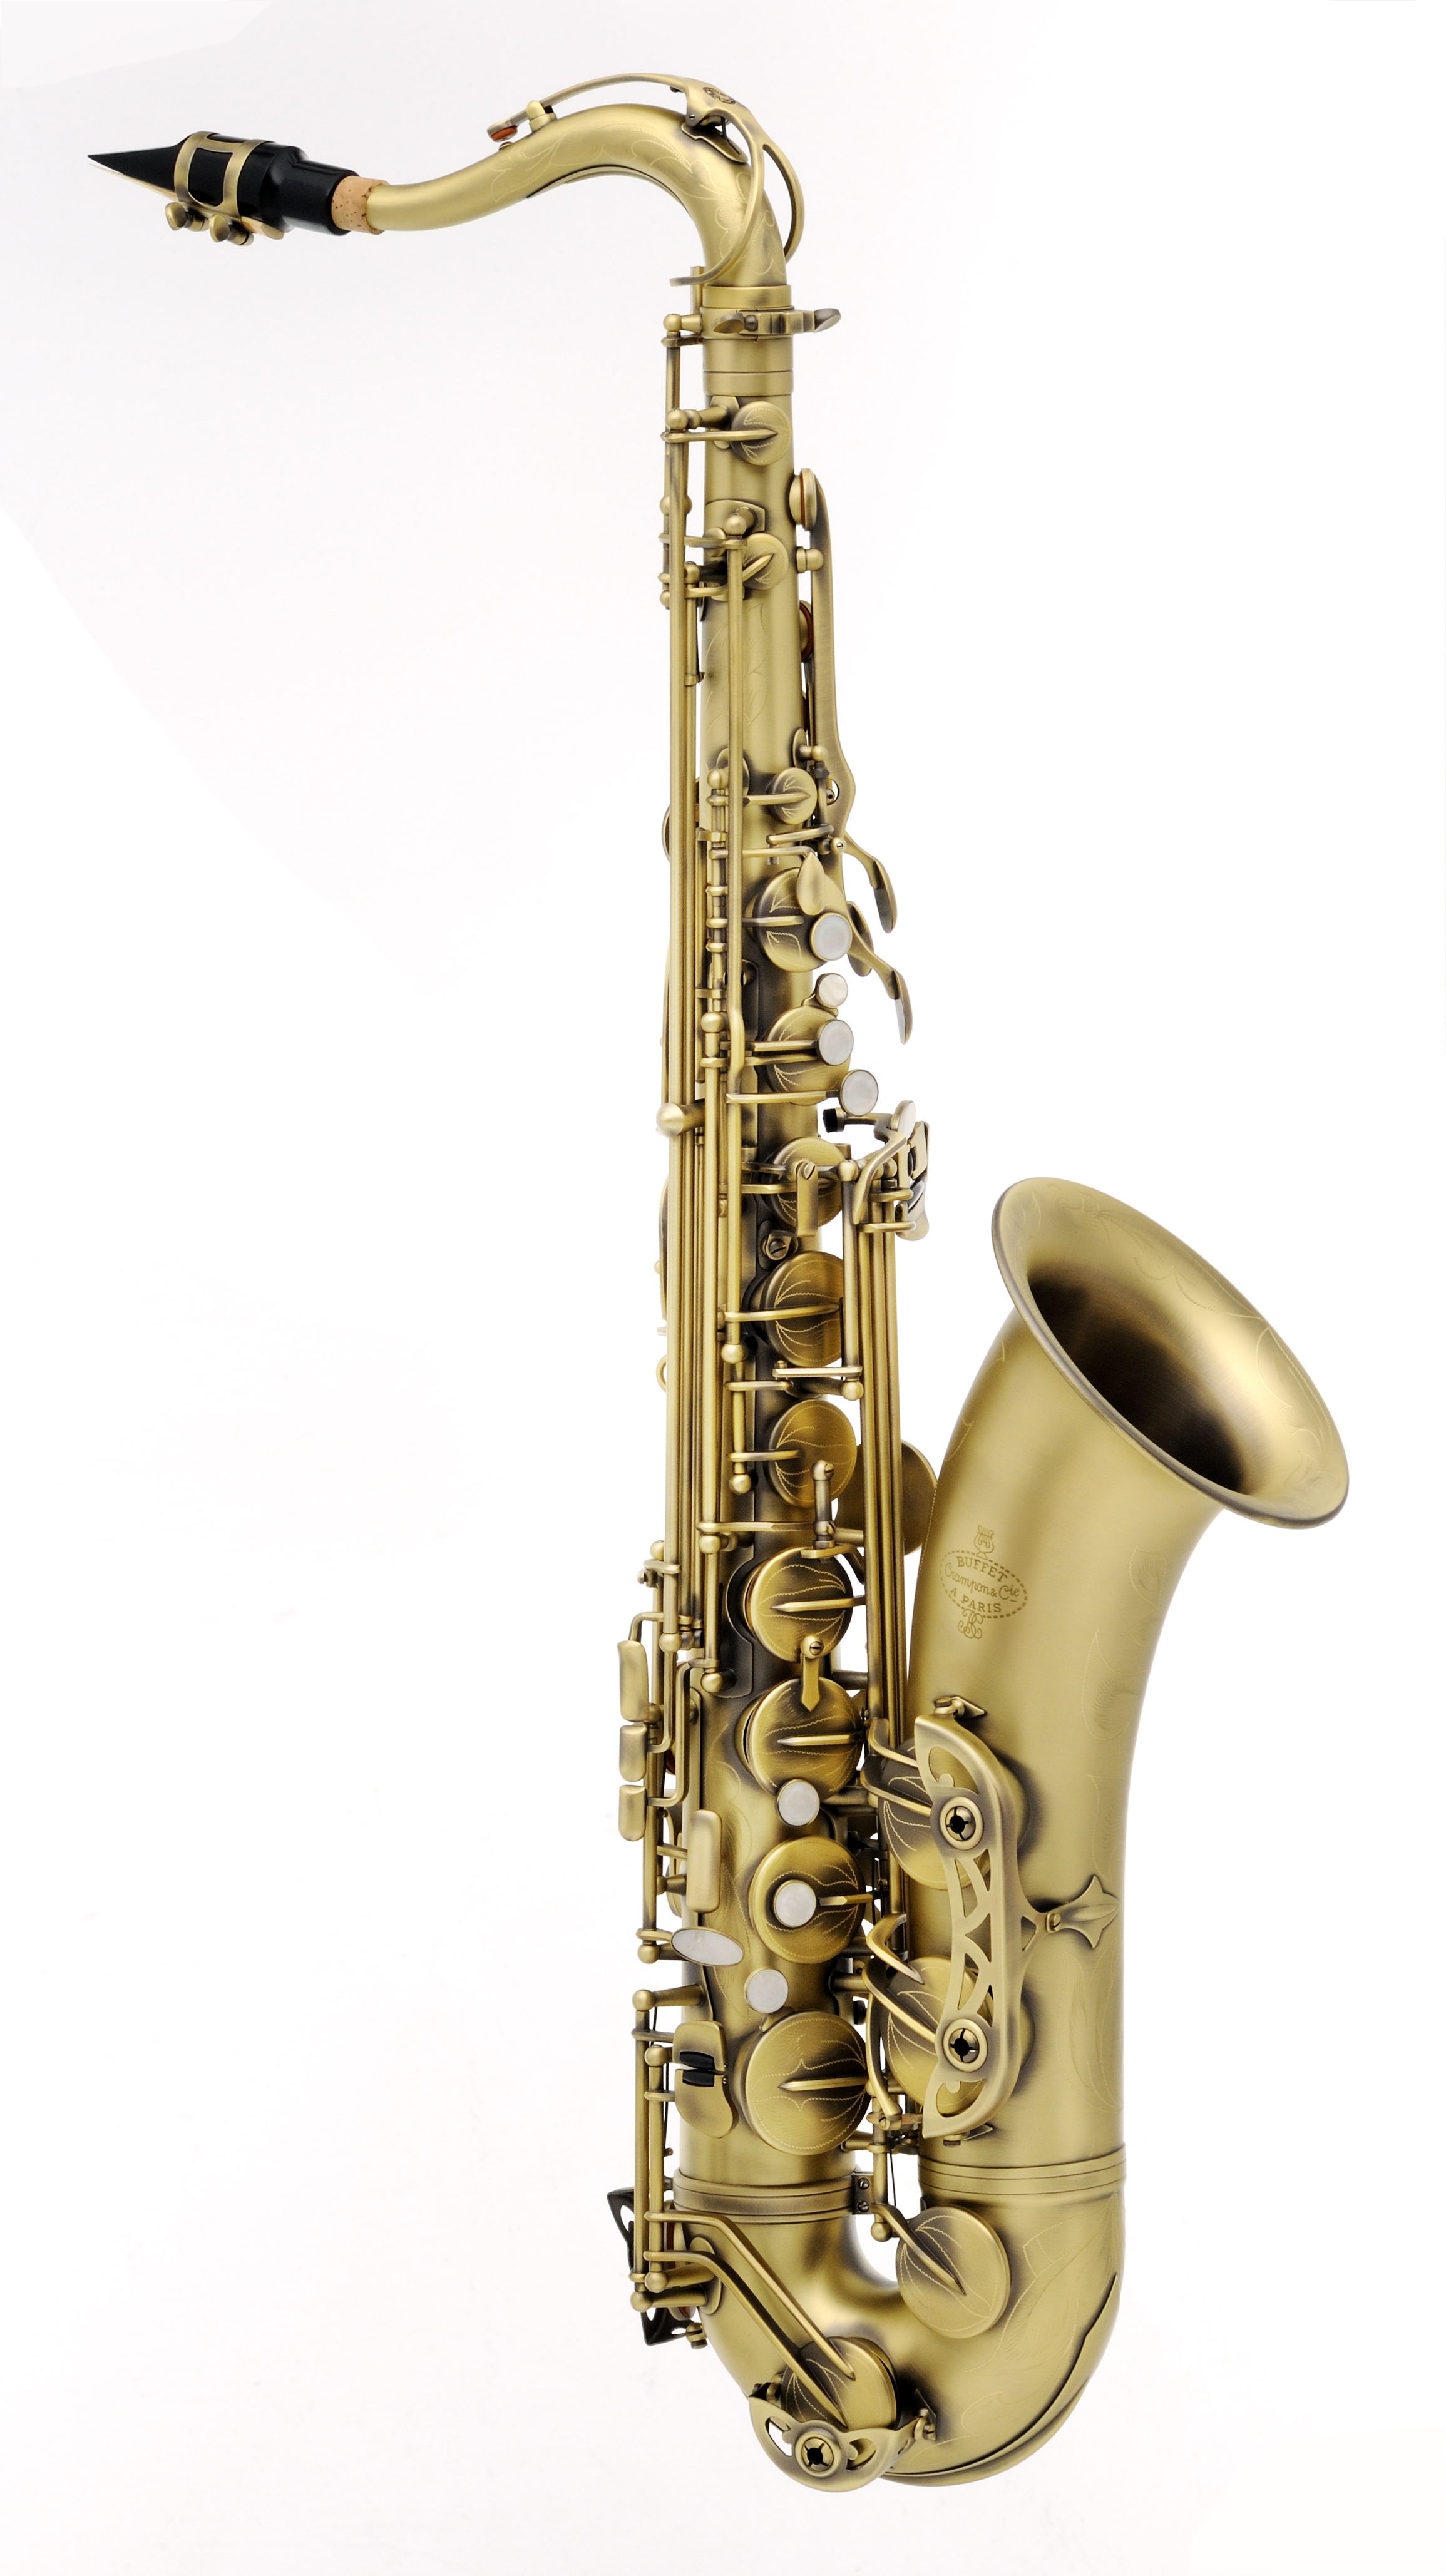 Buffet - BC - 8402 - 4 - 0 - Serie 400 - Holzblasinstrumente - Saxophone | MUSIK BERTRAM Deutschland Freiburg